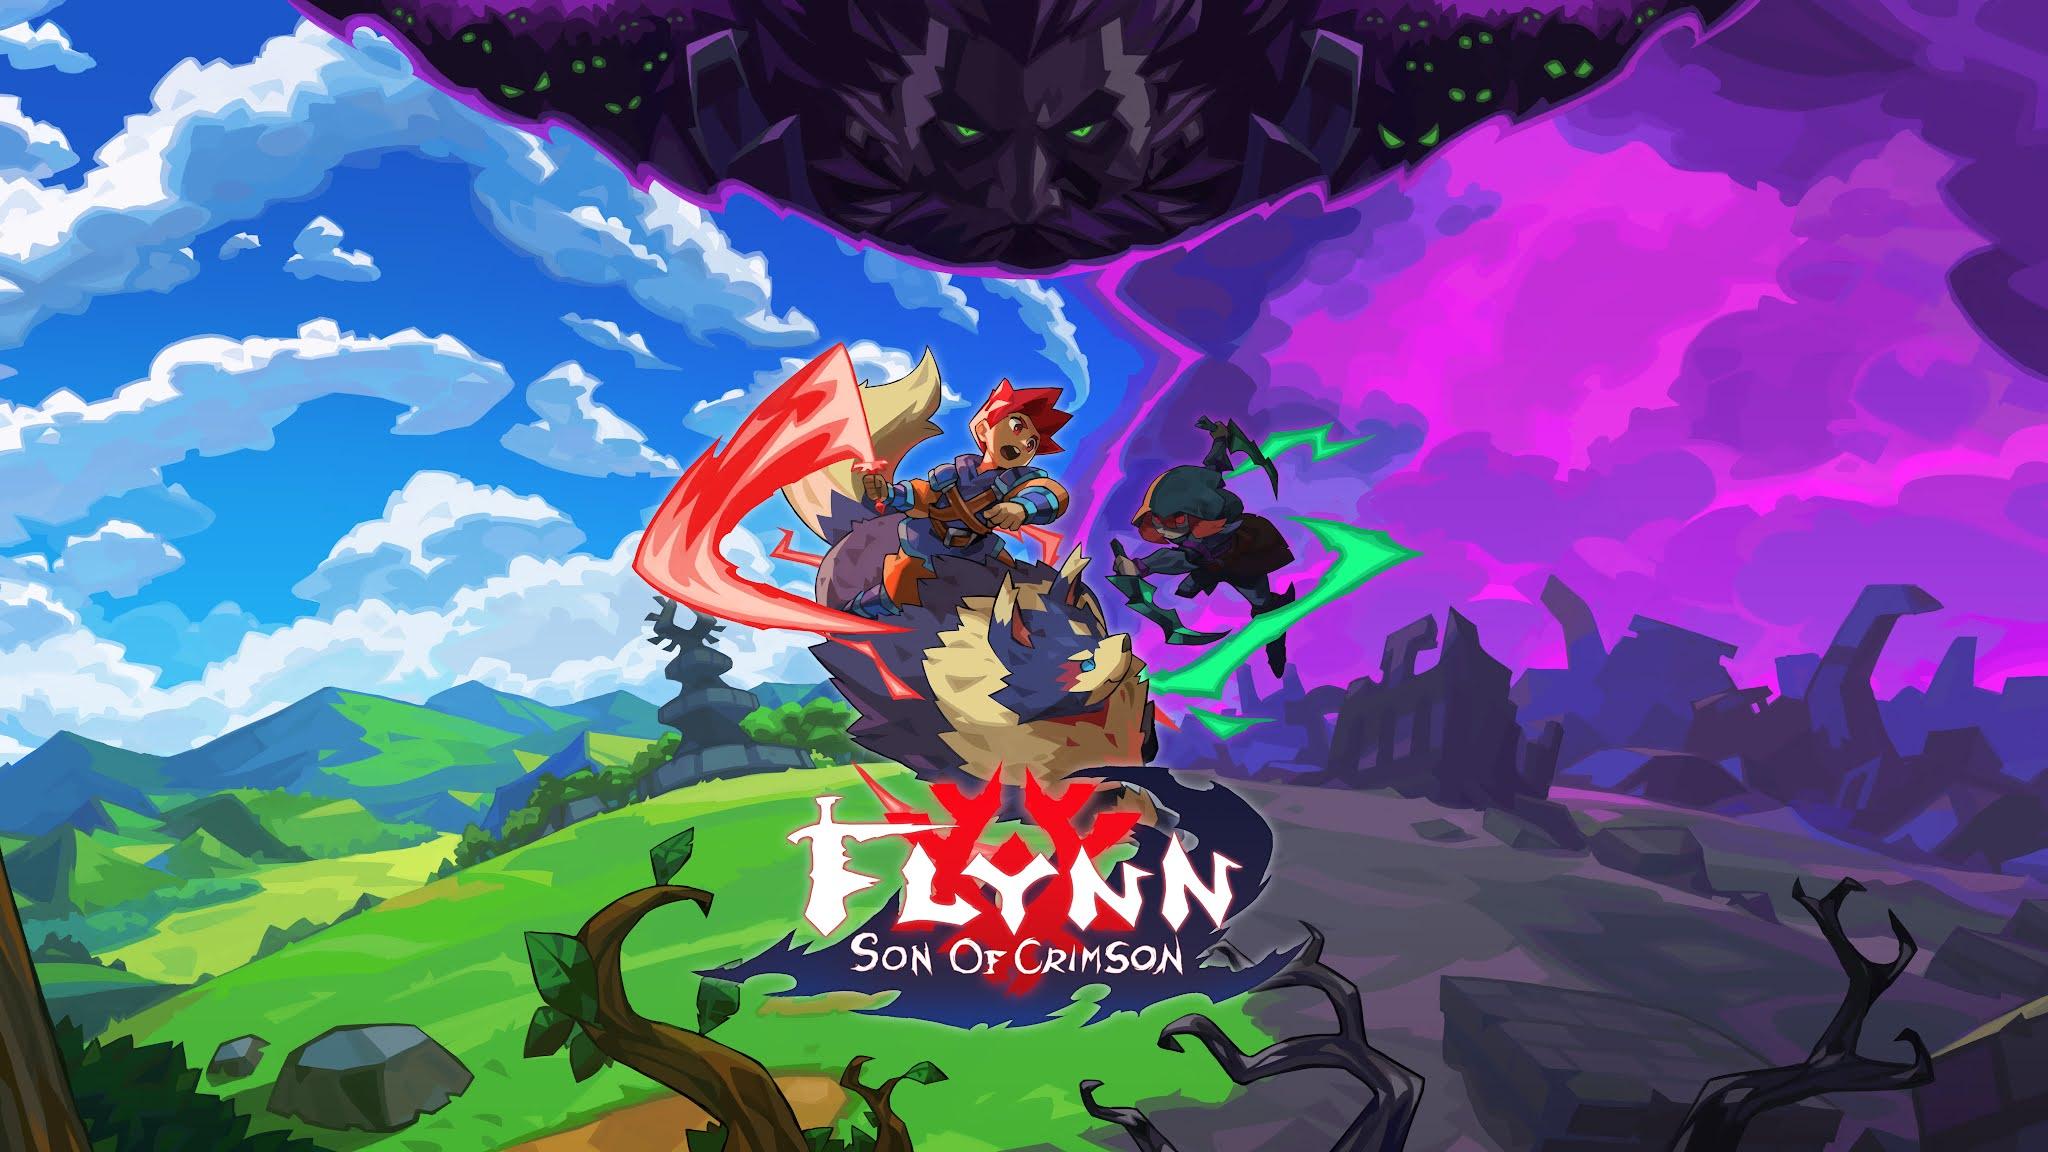 Análise: Flynn: Son of Crimson (Switch) é um platformer clássico digno de aplausos